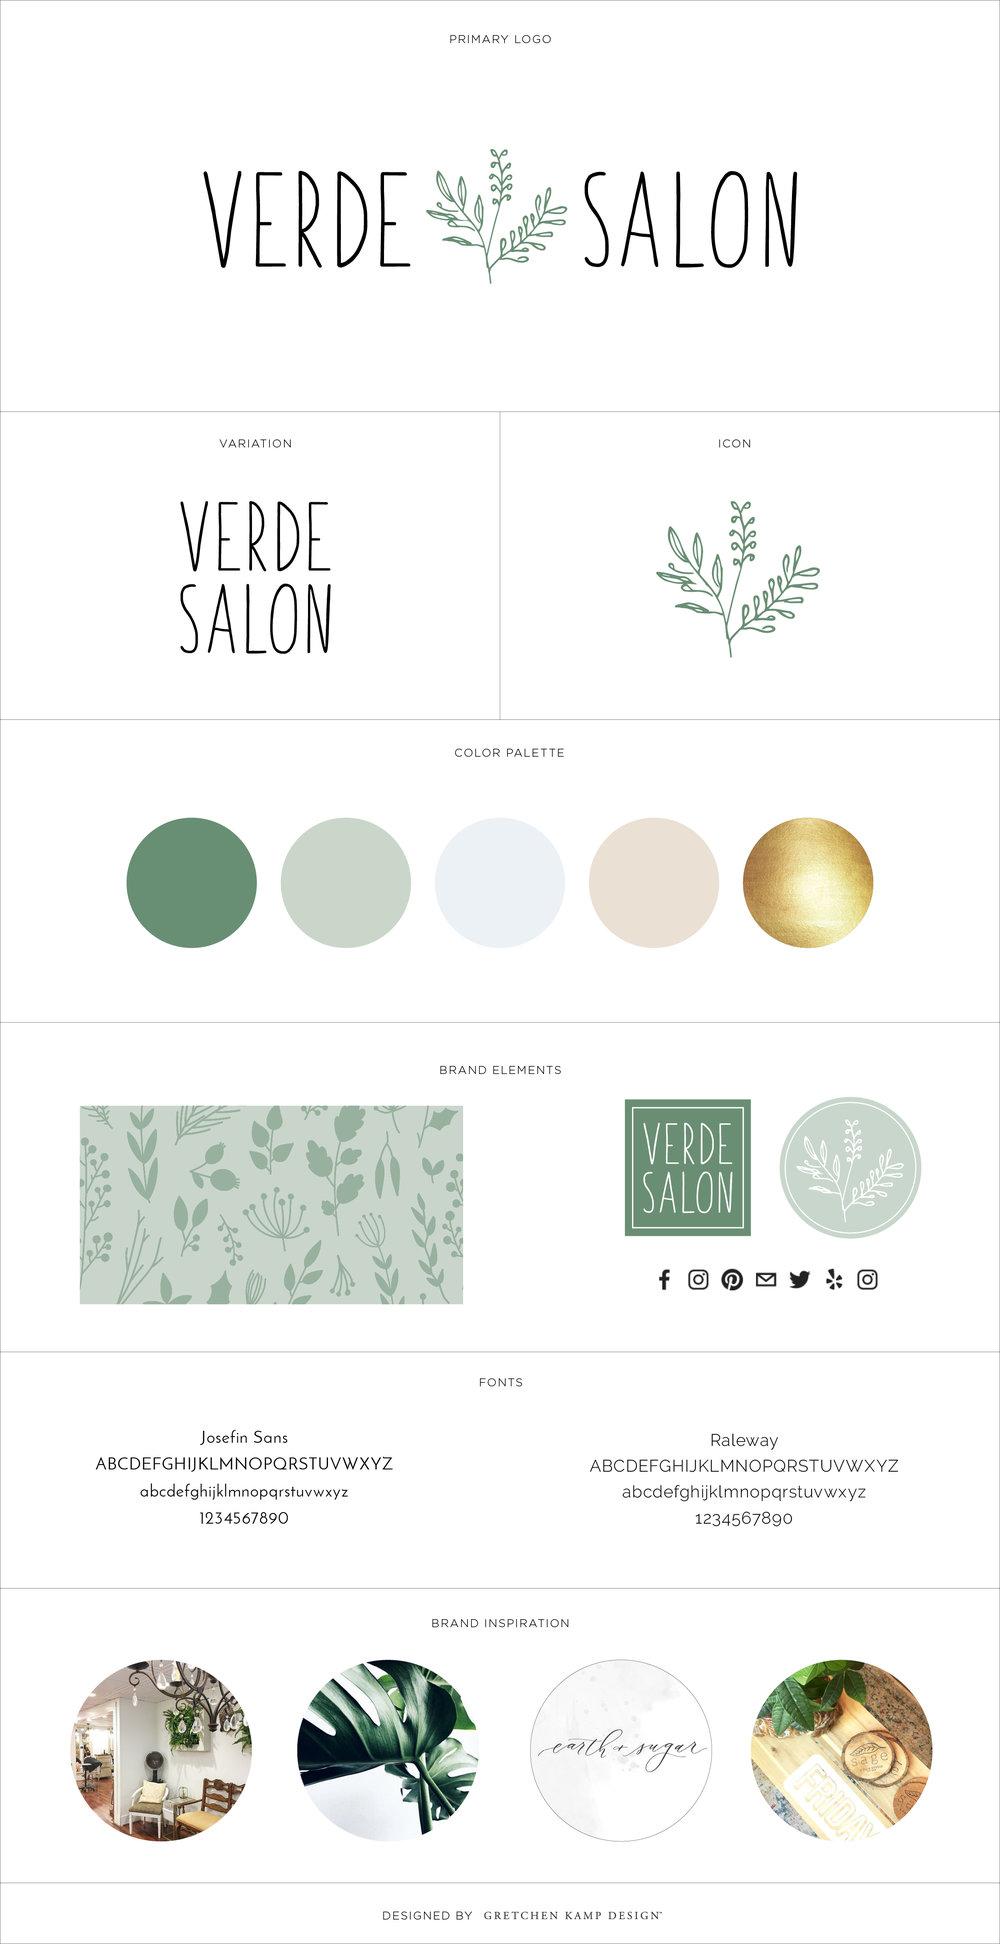 Verde Salon Brand Board